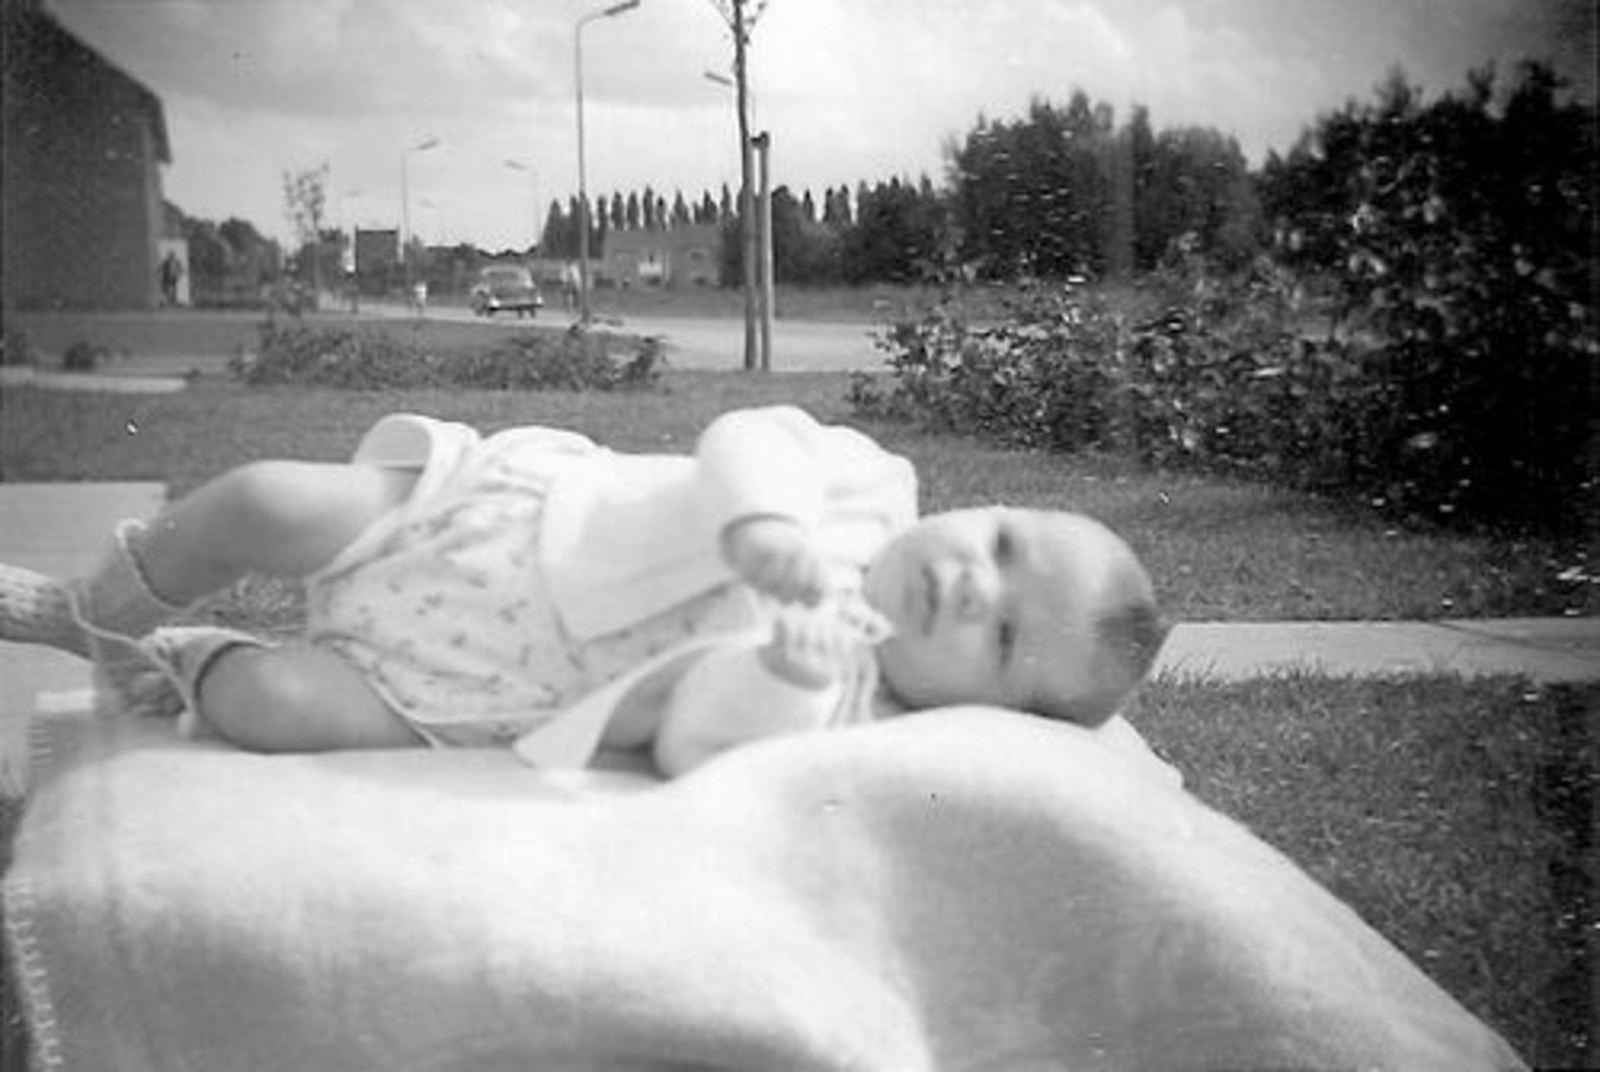 Blauwe Beugelstraat 0035 1960+ met Ton Pijpers 03